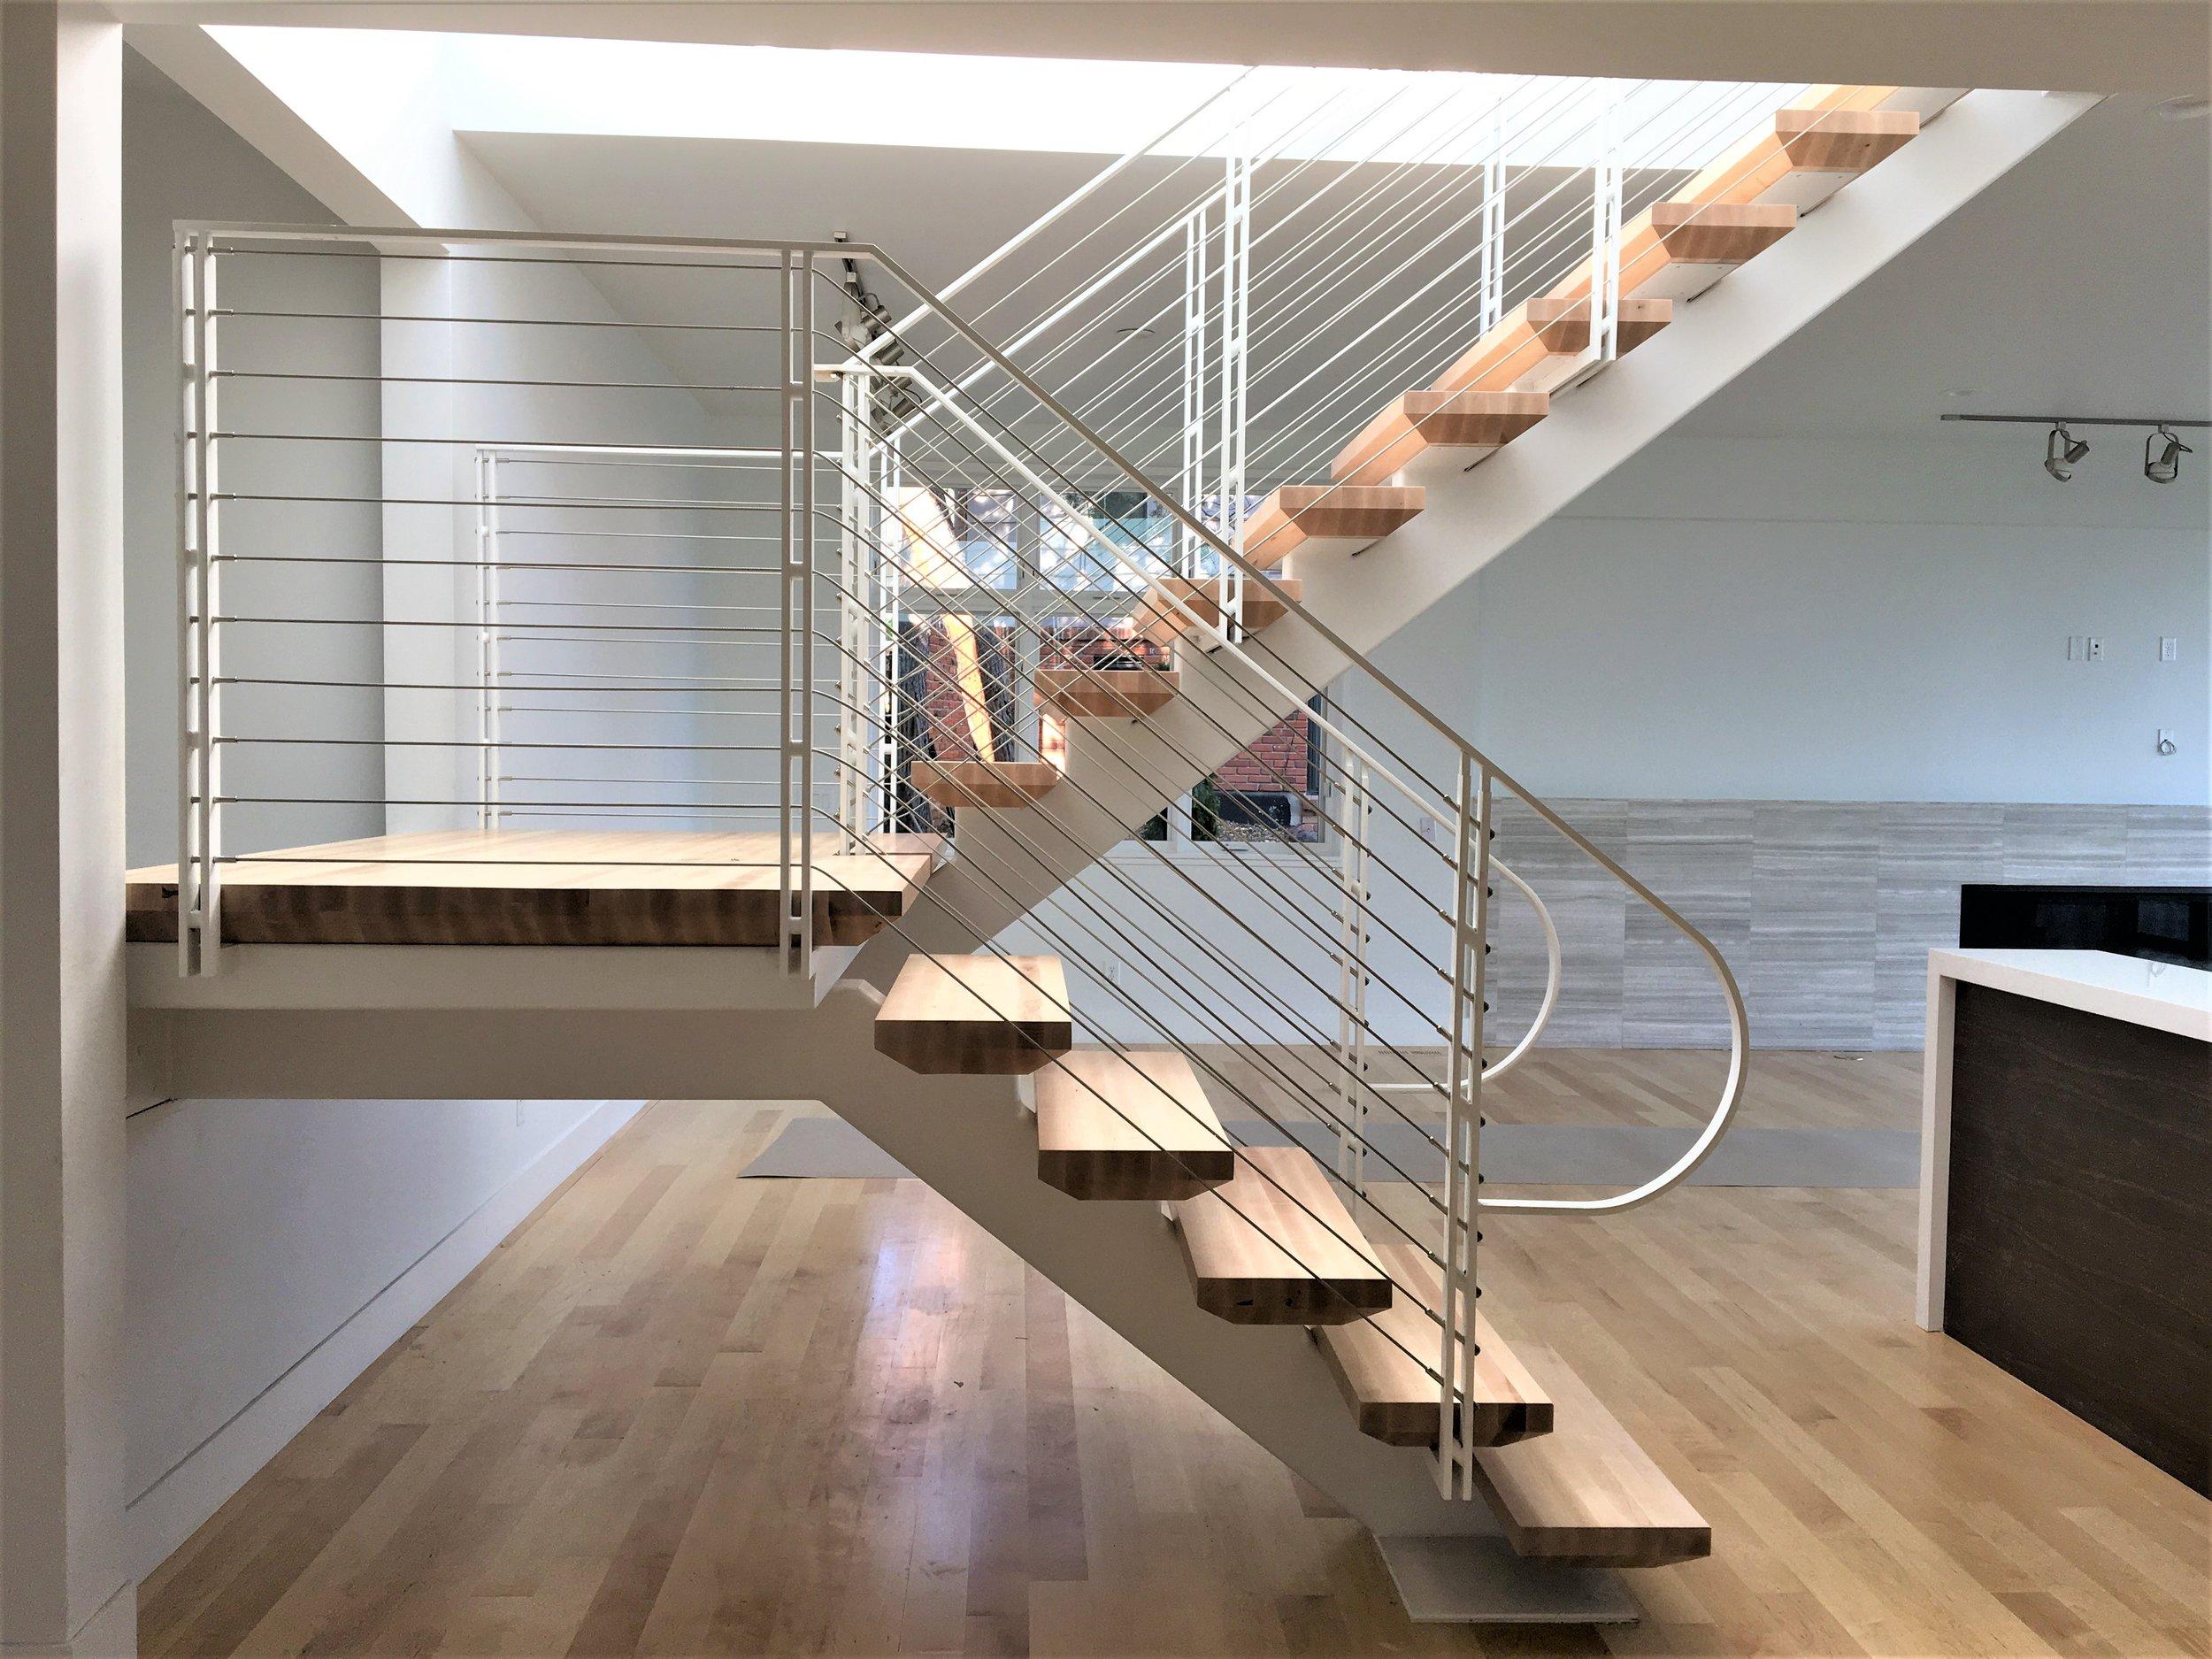 FB stair 02.JPG